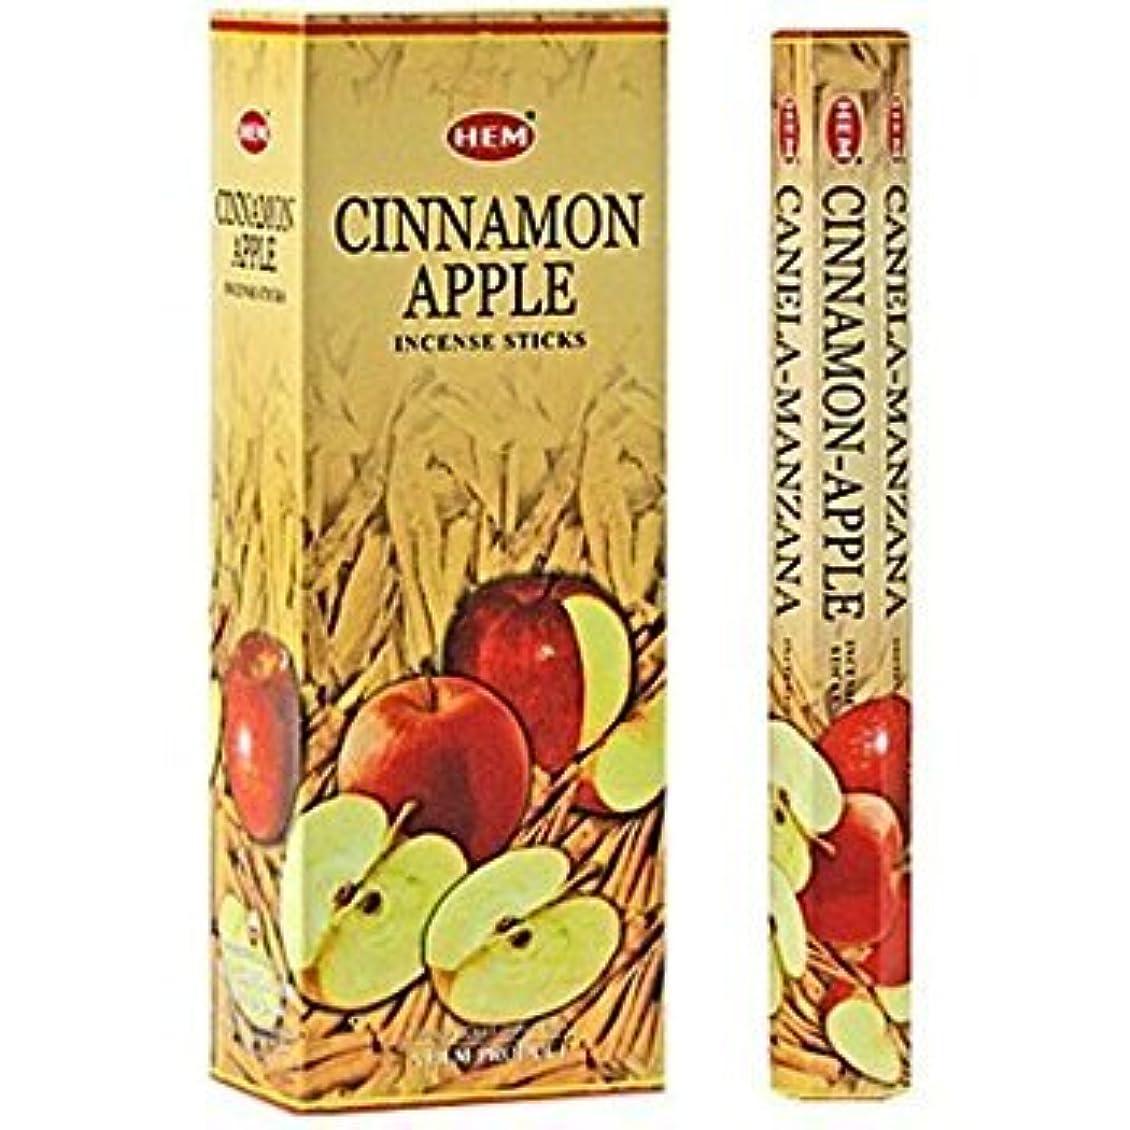 仕事テロリストパイCinnamon Apple - Box of Six 20 Stick Tubes - HEM Incense